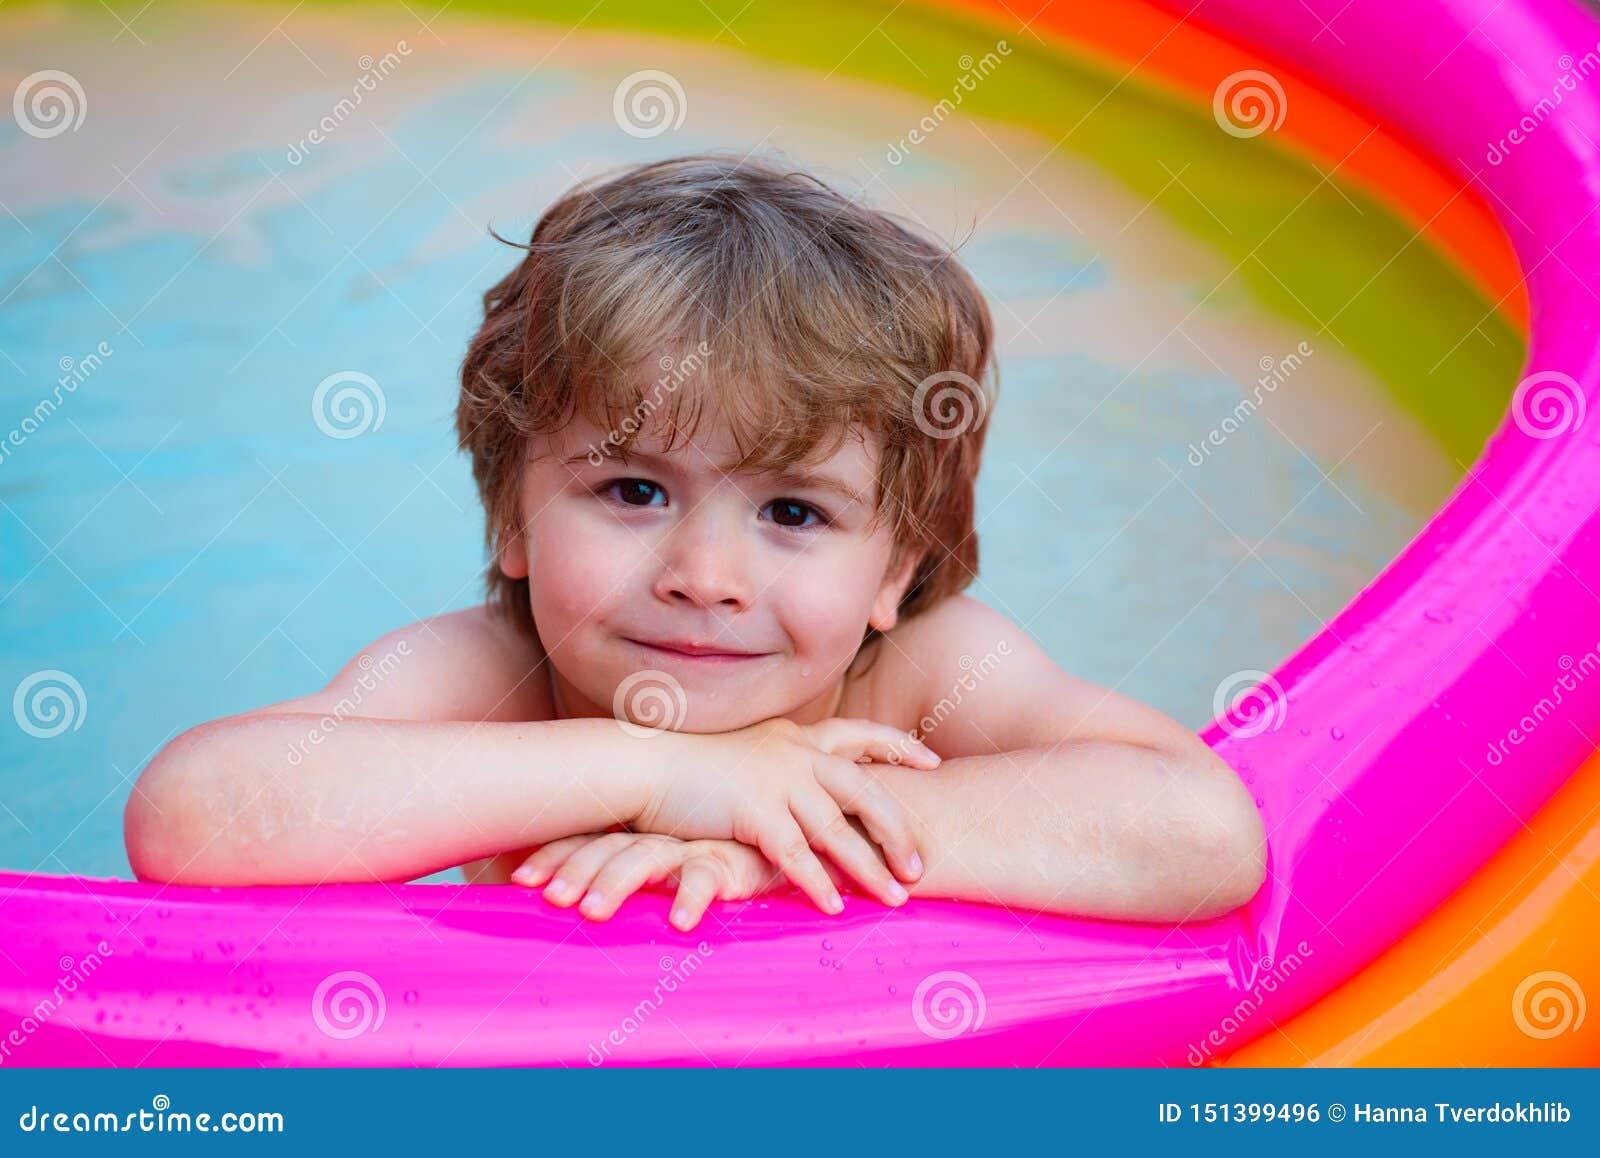 Sommaravkoppling i p?len Ett barn ligger och kopplar av i en hem- pöl med ett leende Sommar vilar semestrar behandla som ett barn